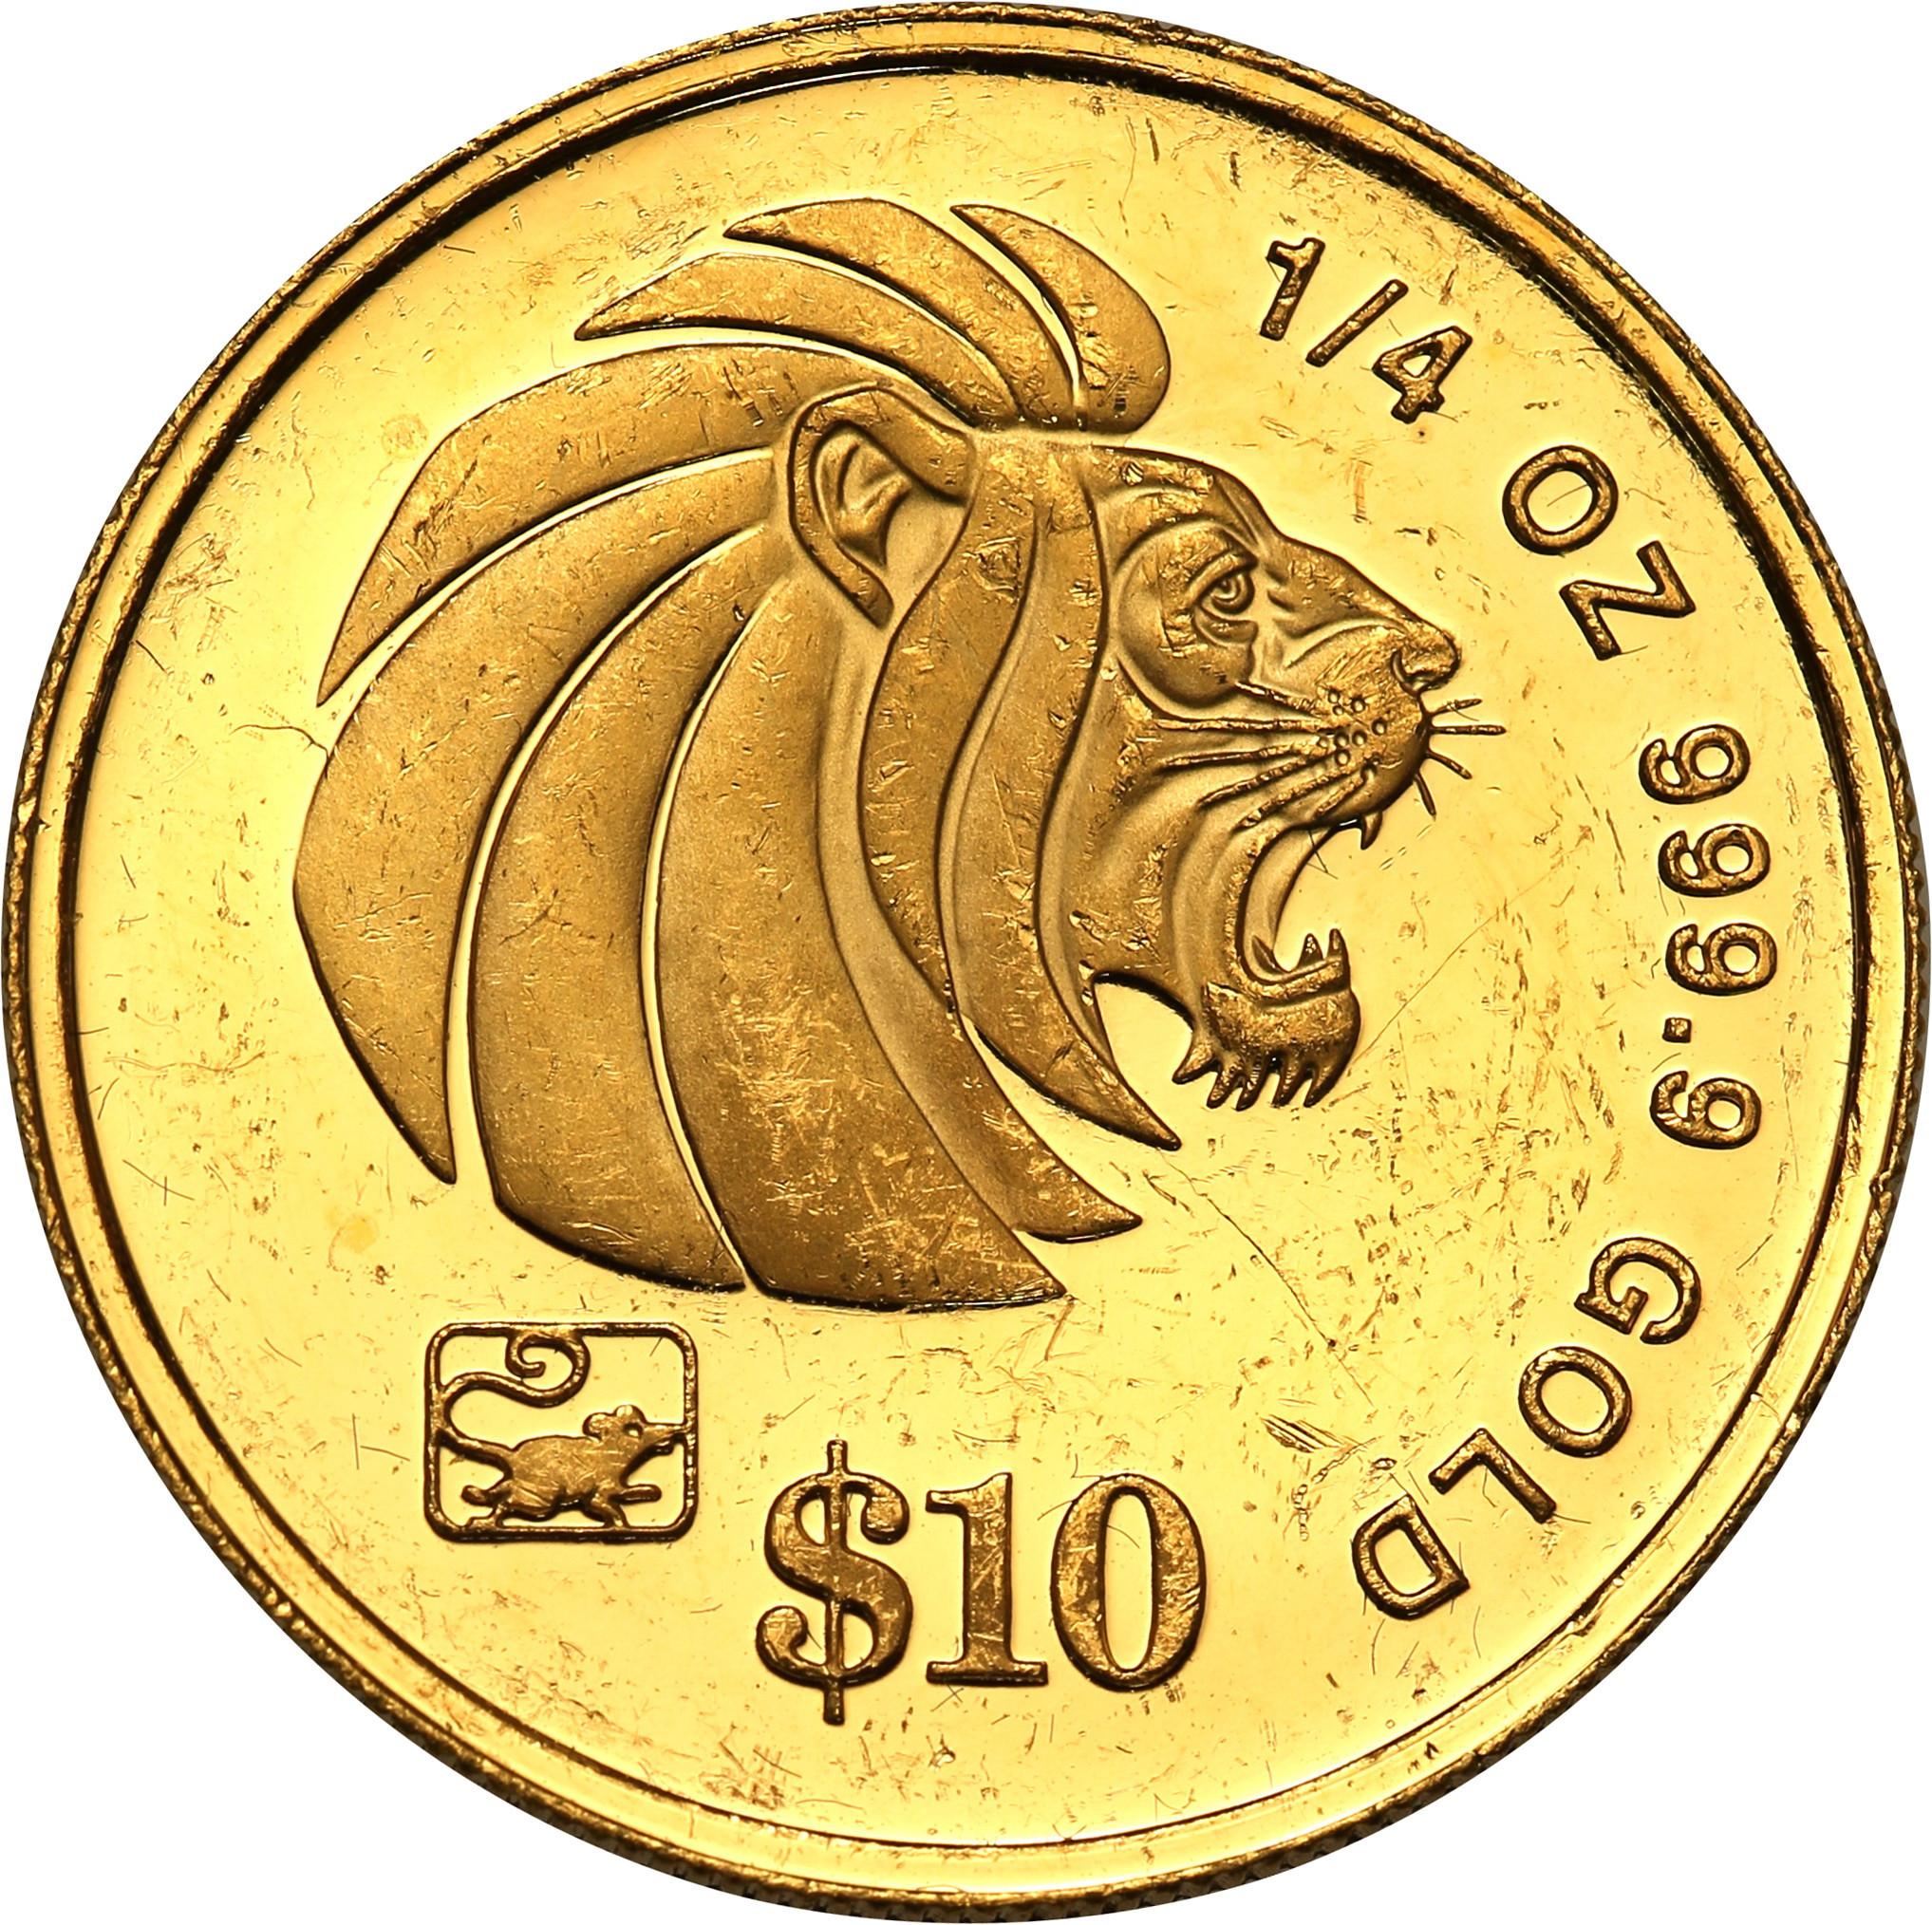 Singapur 10 dolarów 1996 st. L – 1/4 uncji złota